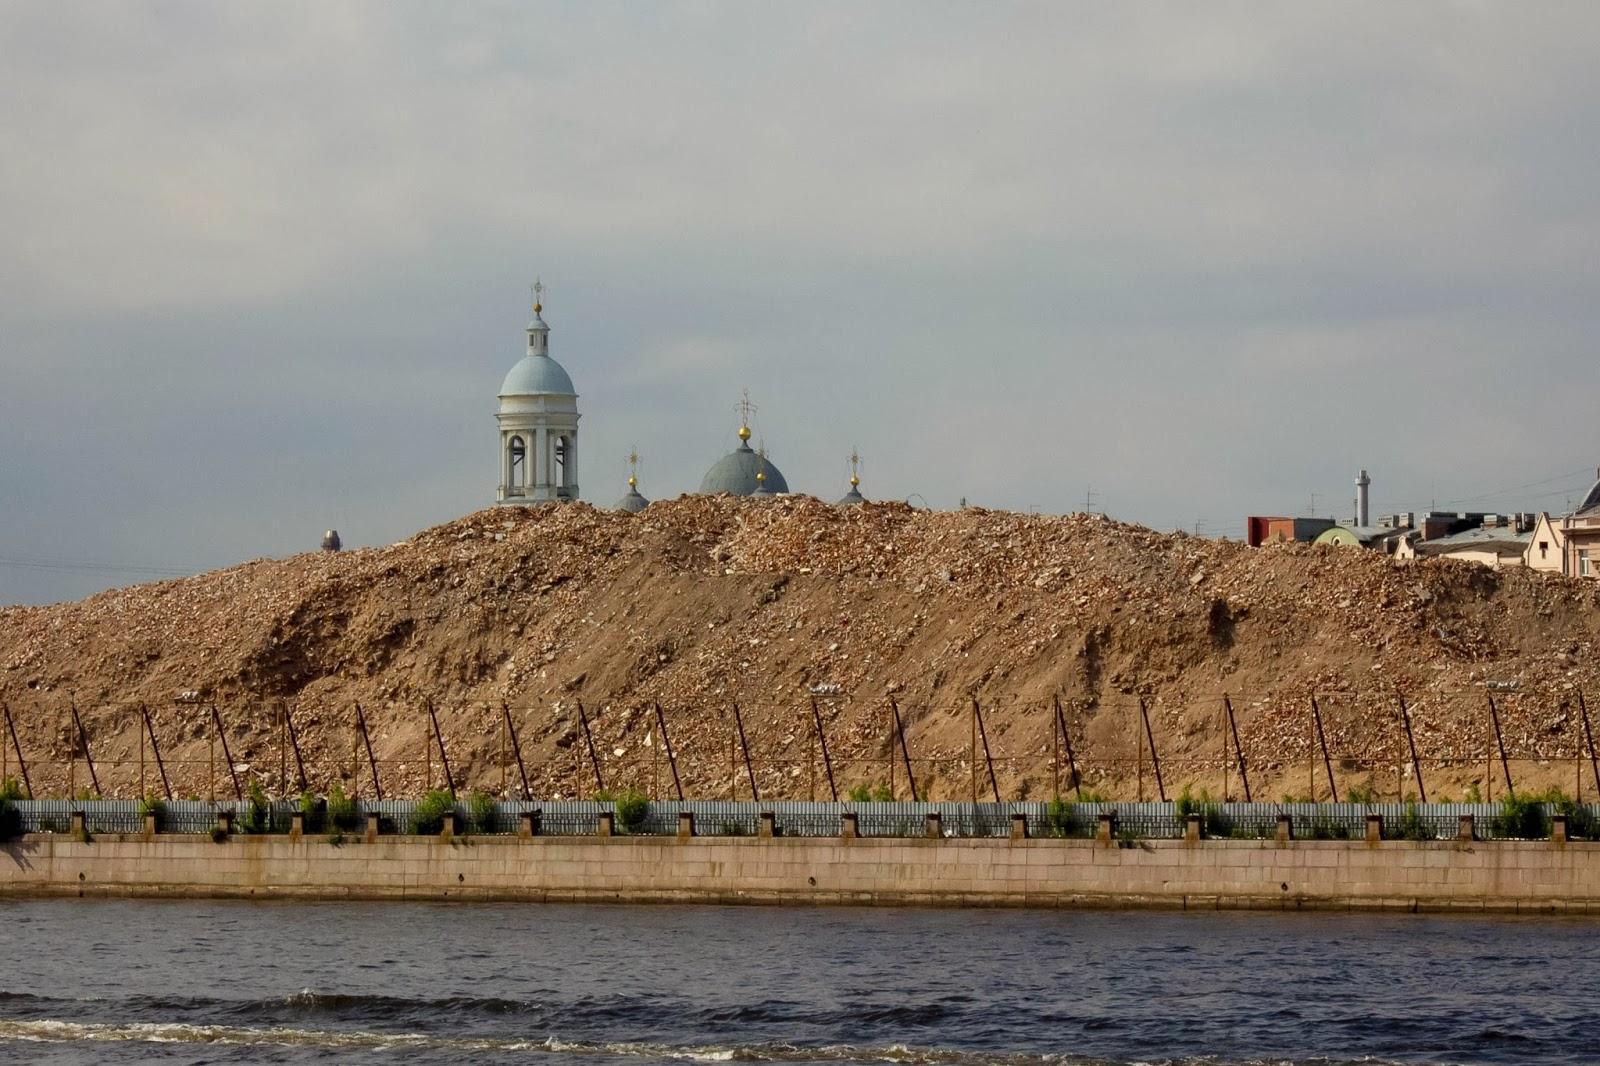 Санкт-Петербург, Россия, так он и рос